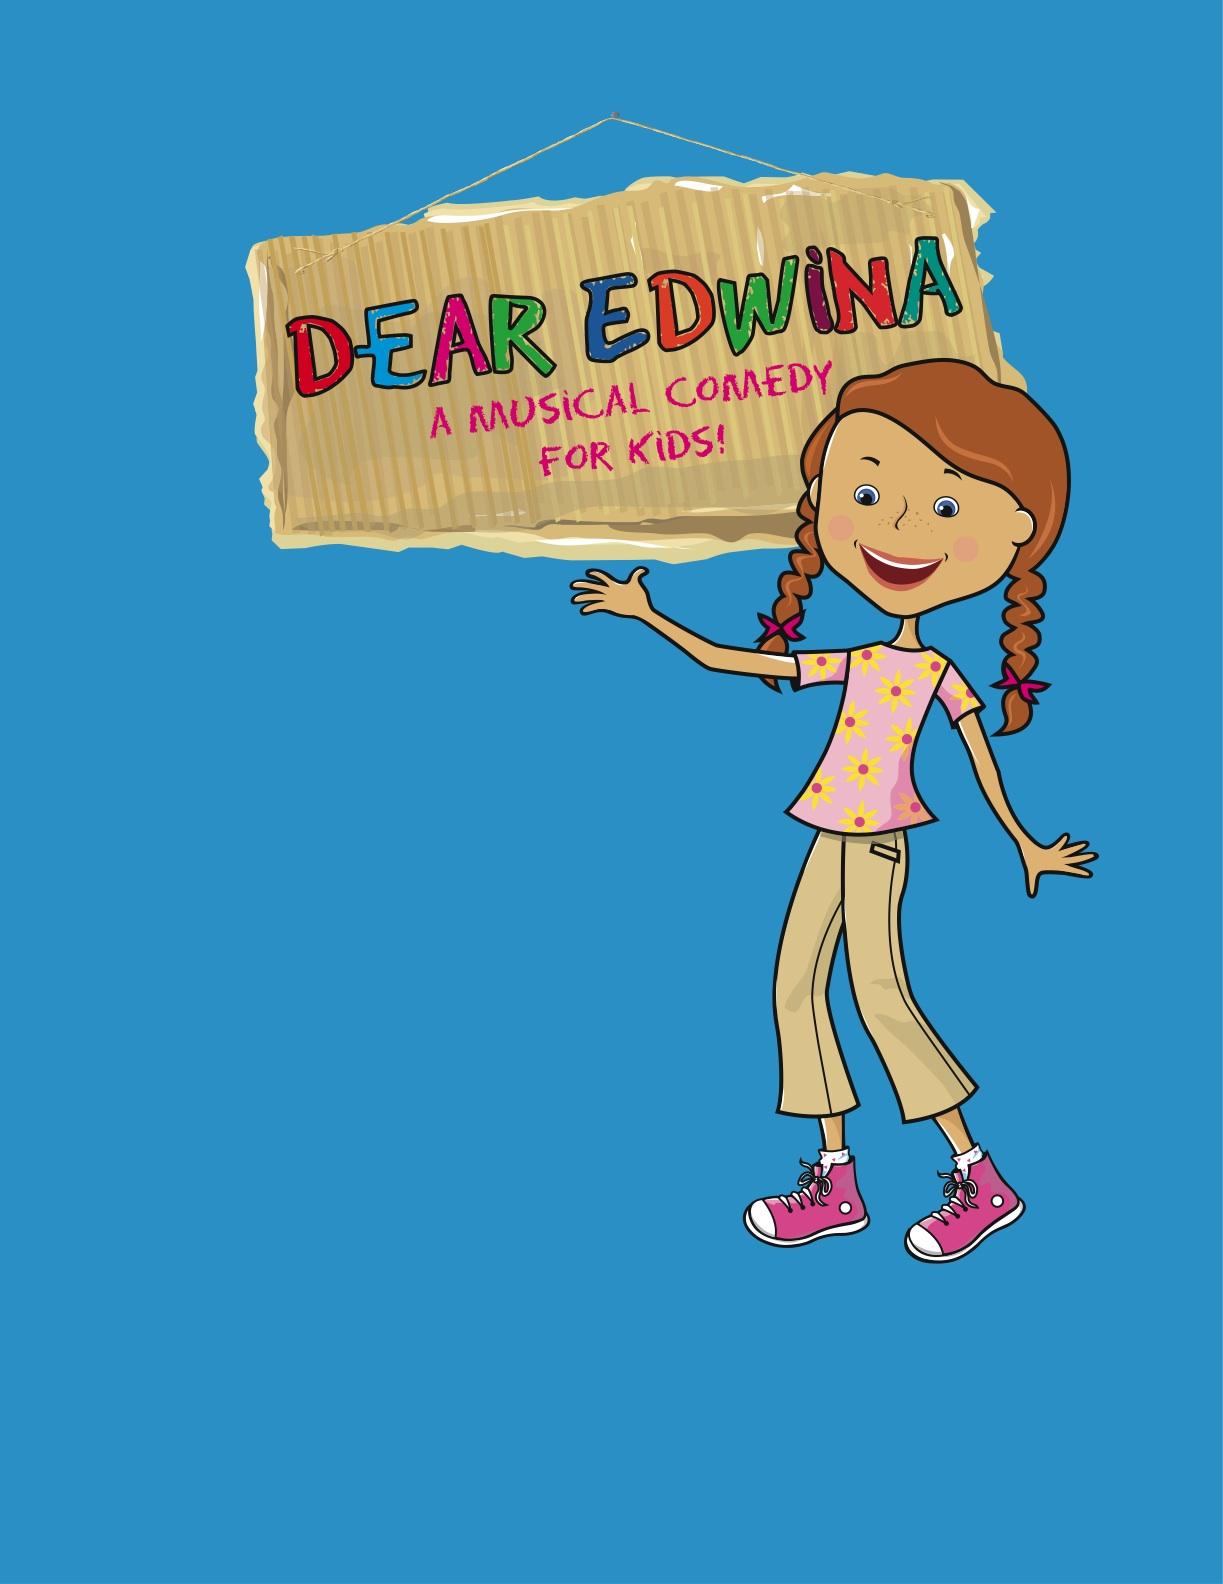 Dear edwina jr lyrics